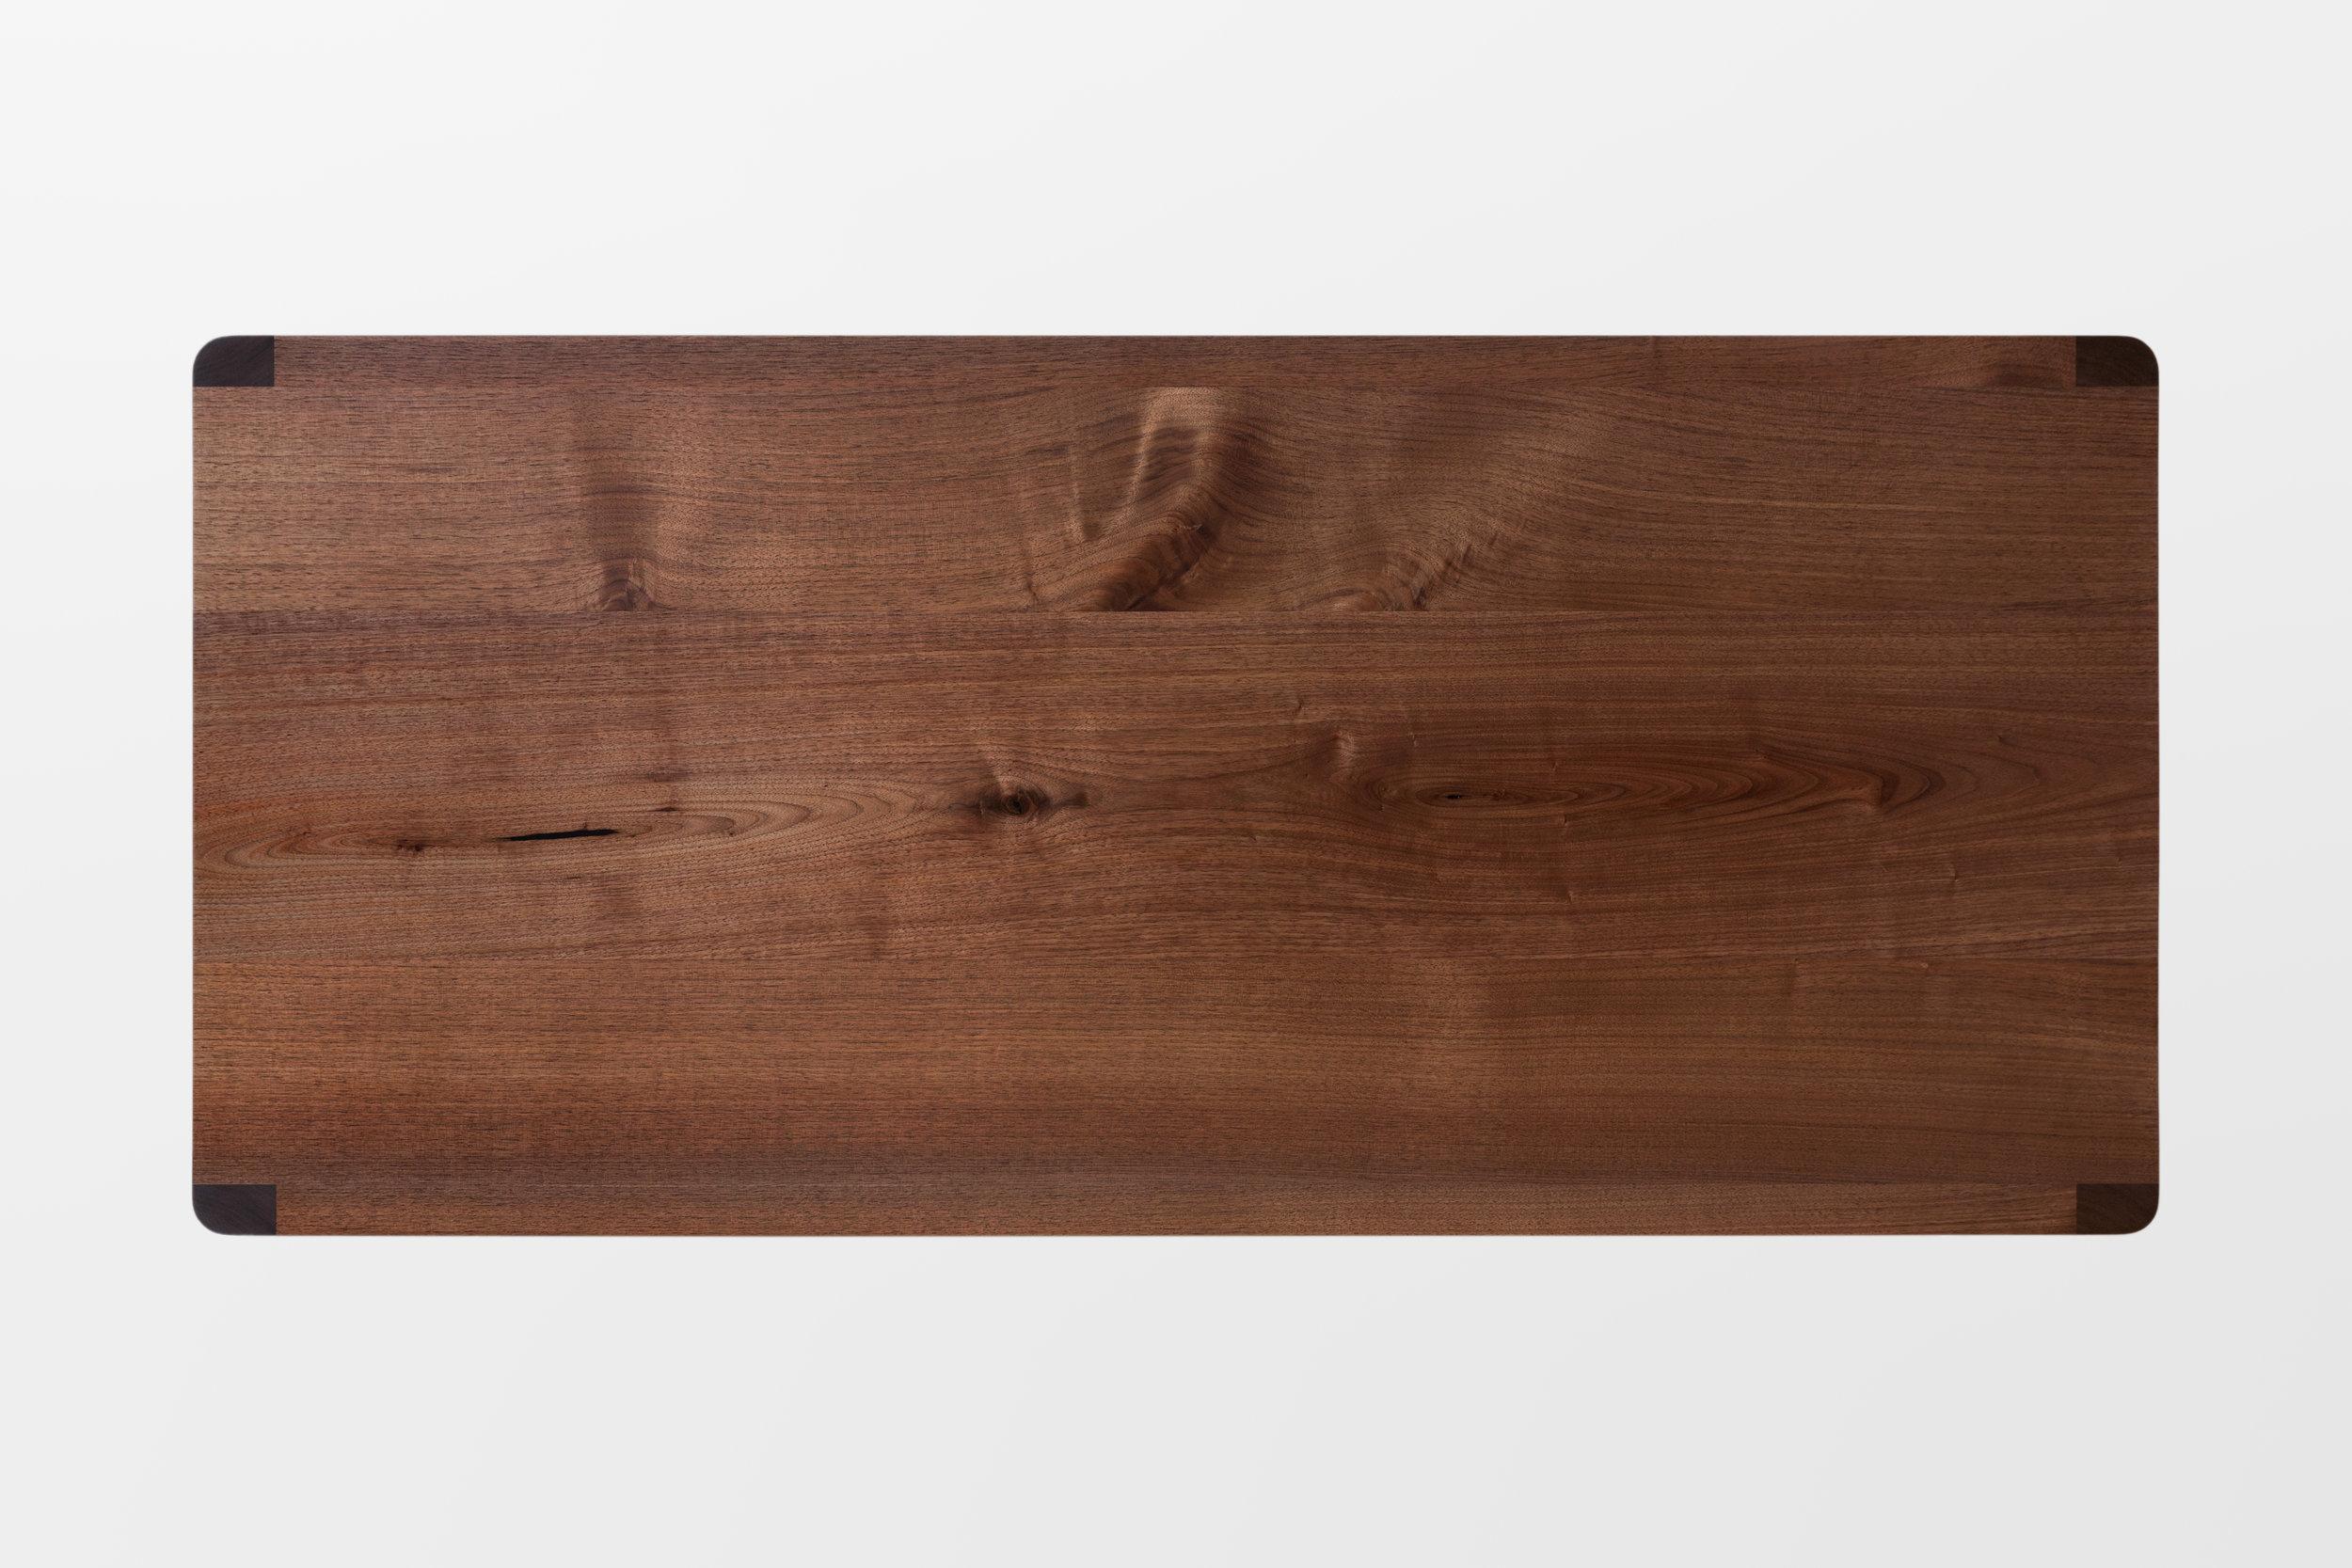 Fina Writing Desk in Solid Walnut by Piet Houtenbos